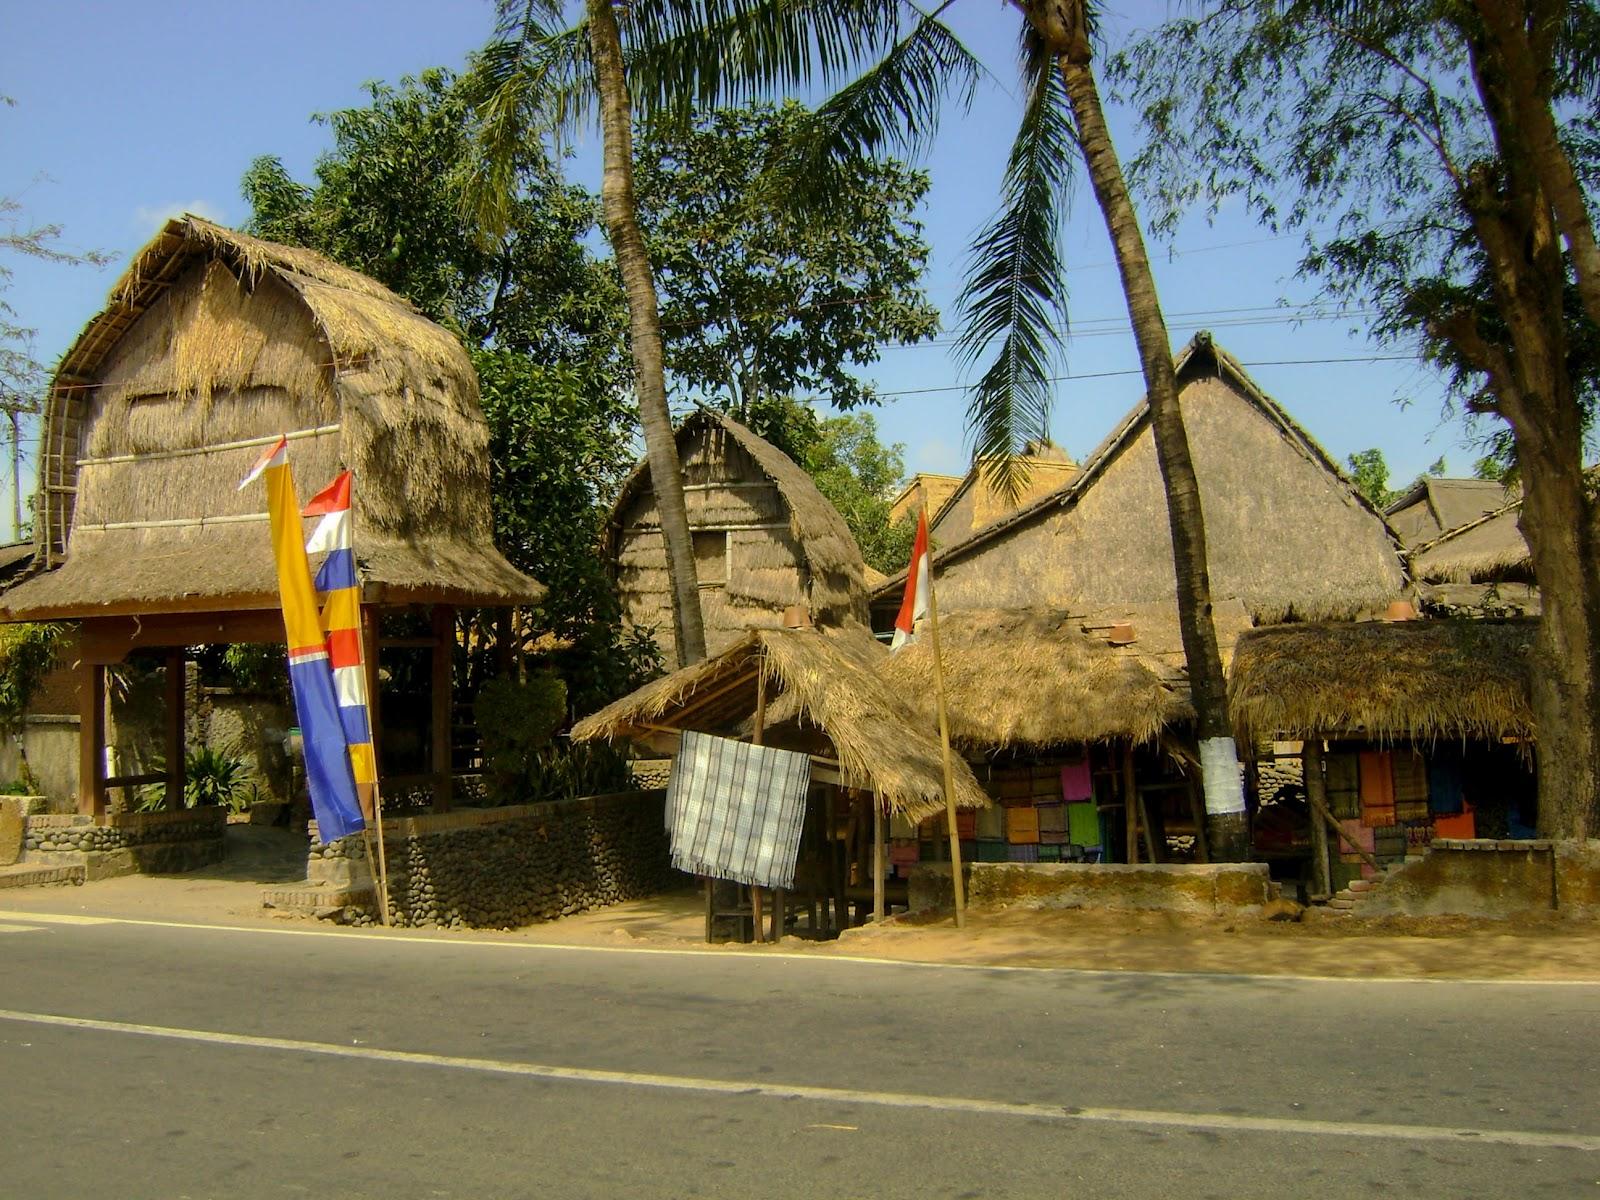 Petualangan Fotografi Desa Sade Tradisional Sasak Dusun Terletak Kecamatan Pujut